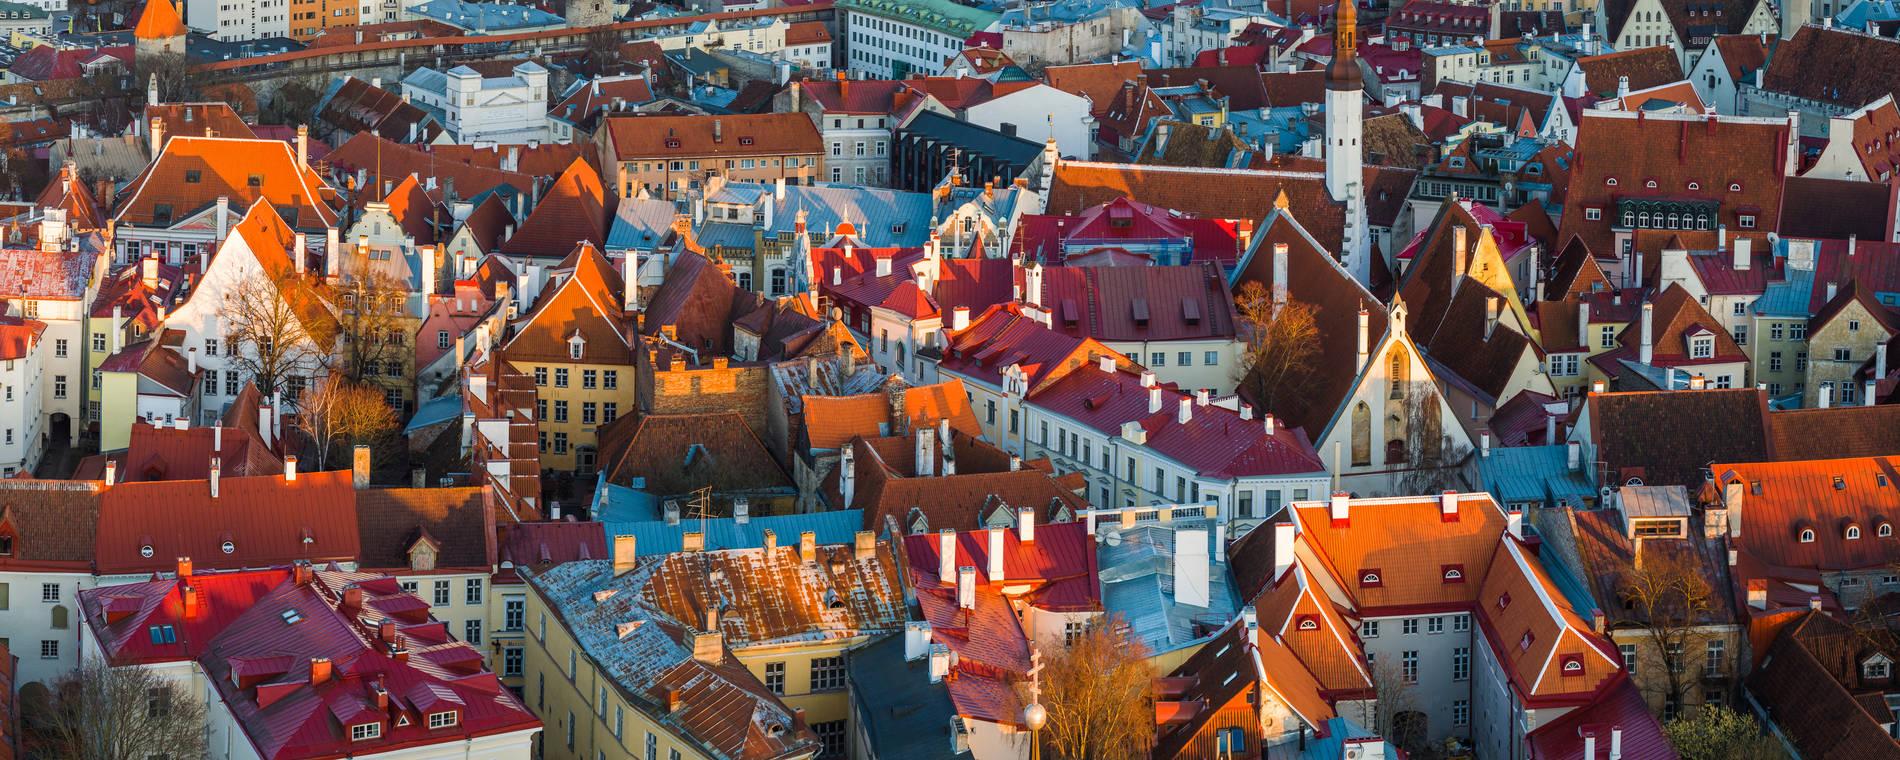 Tallinnan vanhakaupunki